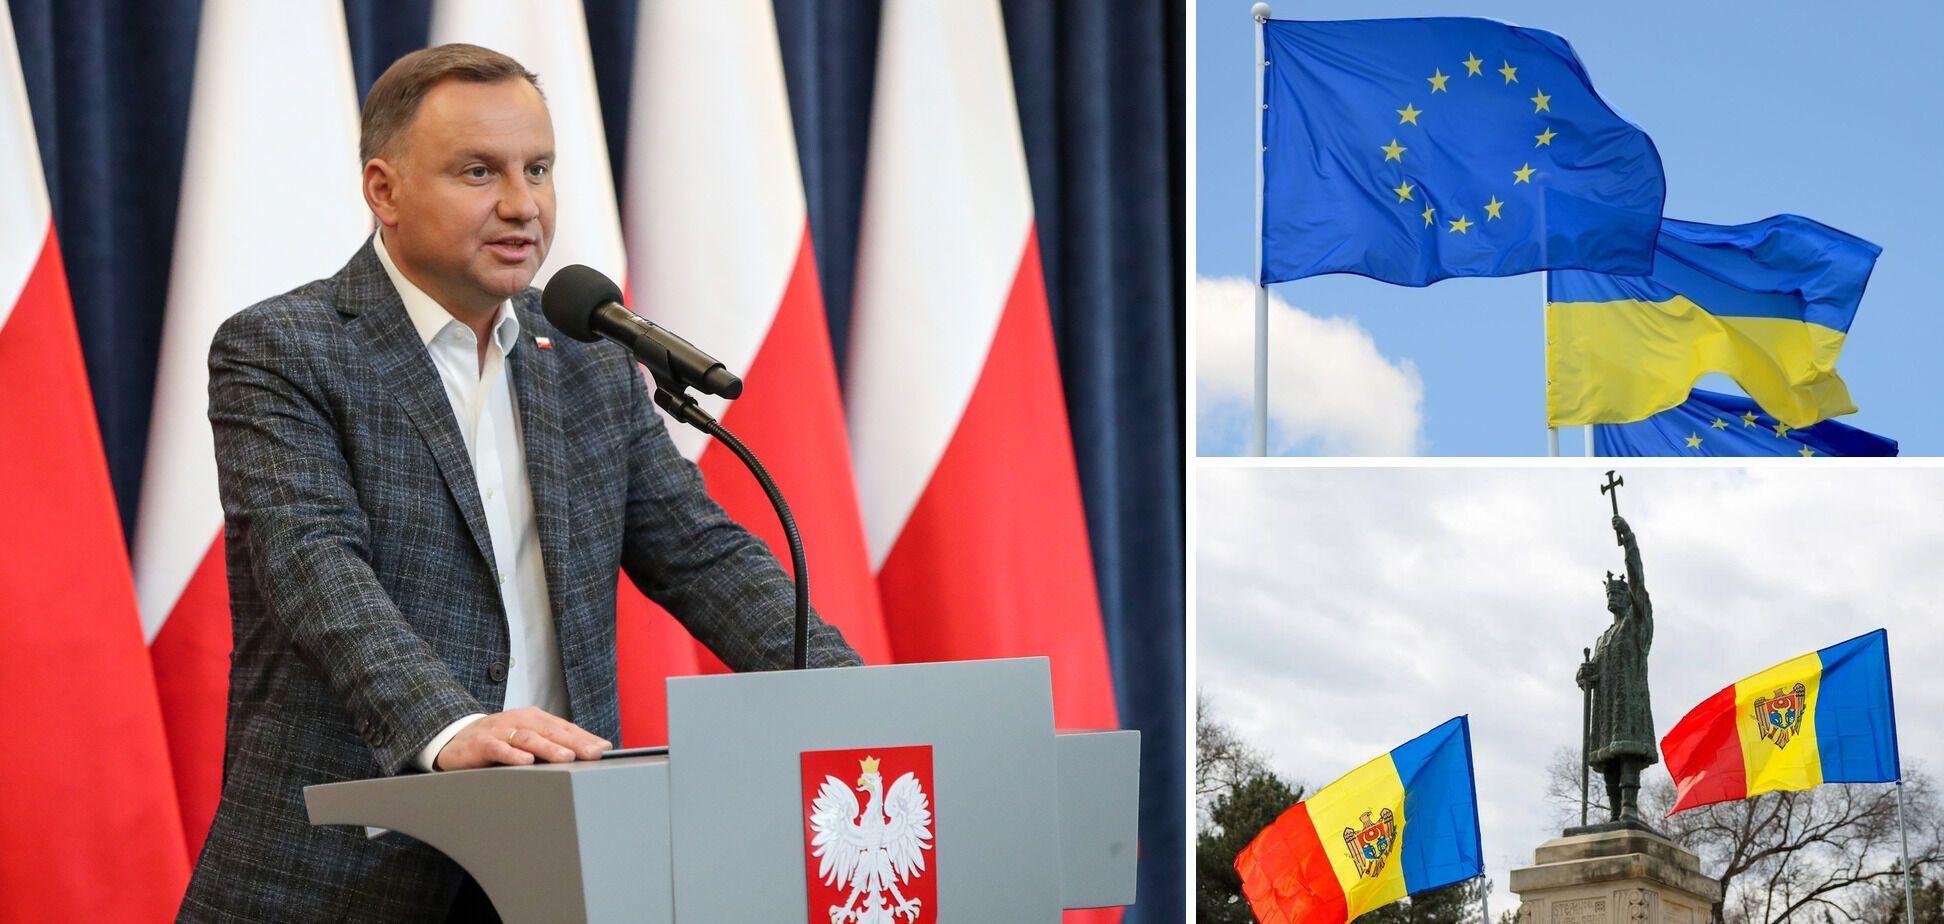 Дуда висловив переконання, що Україна та Молдова мають стати членами ЄС